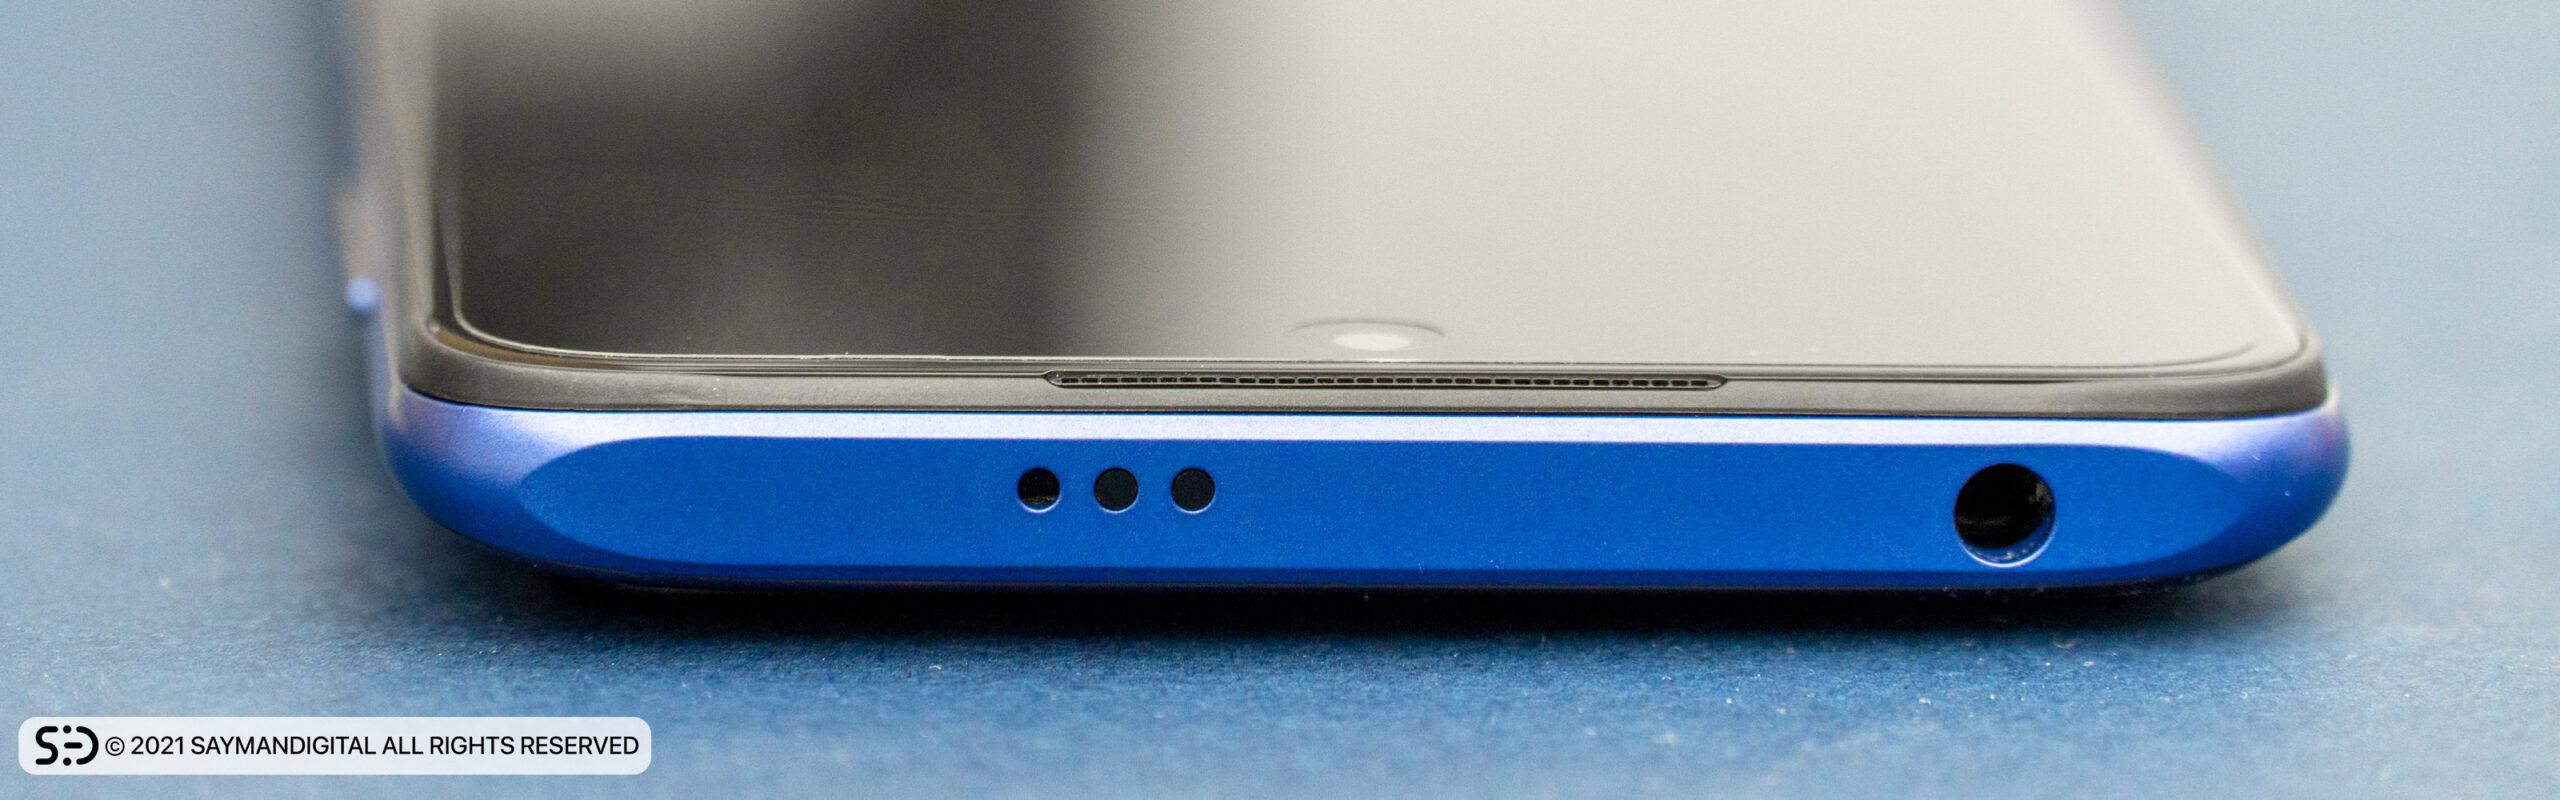 لبهی بالایی Redmi Note 10 5G